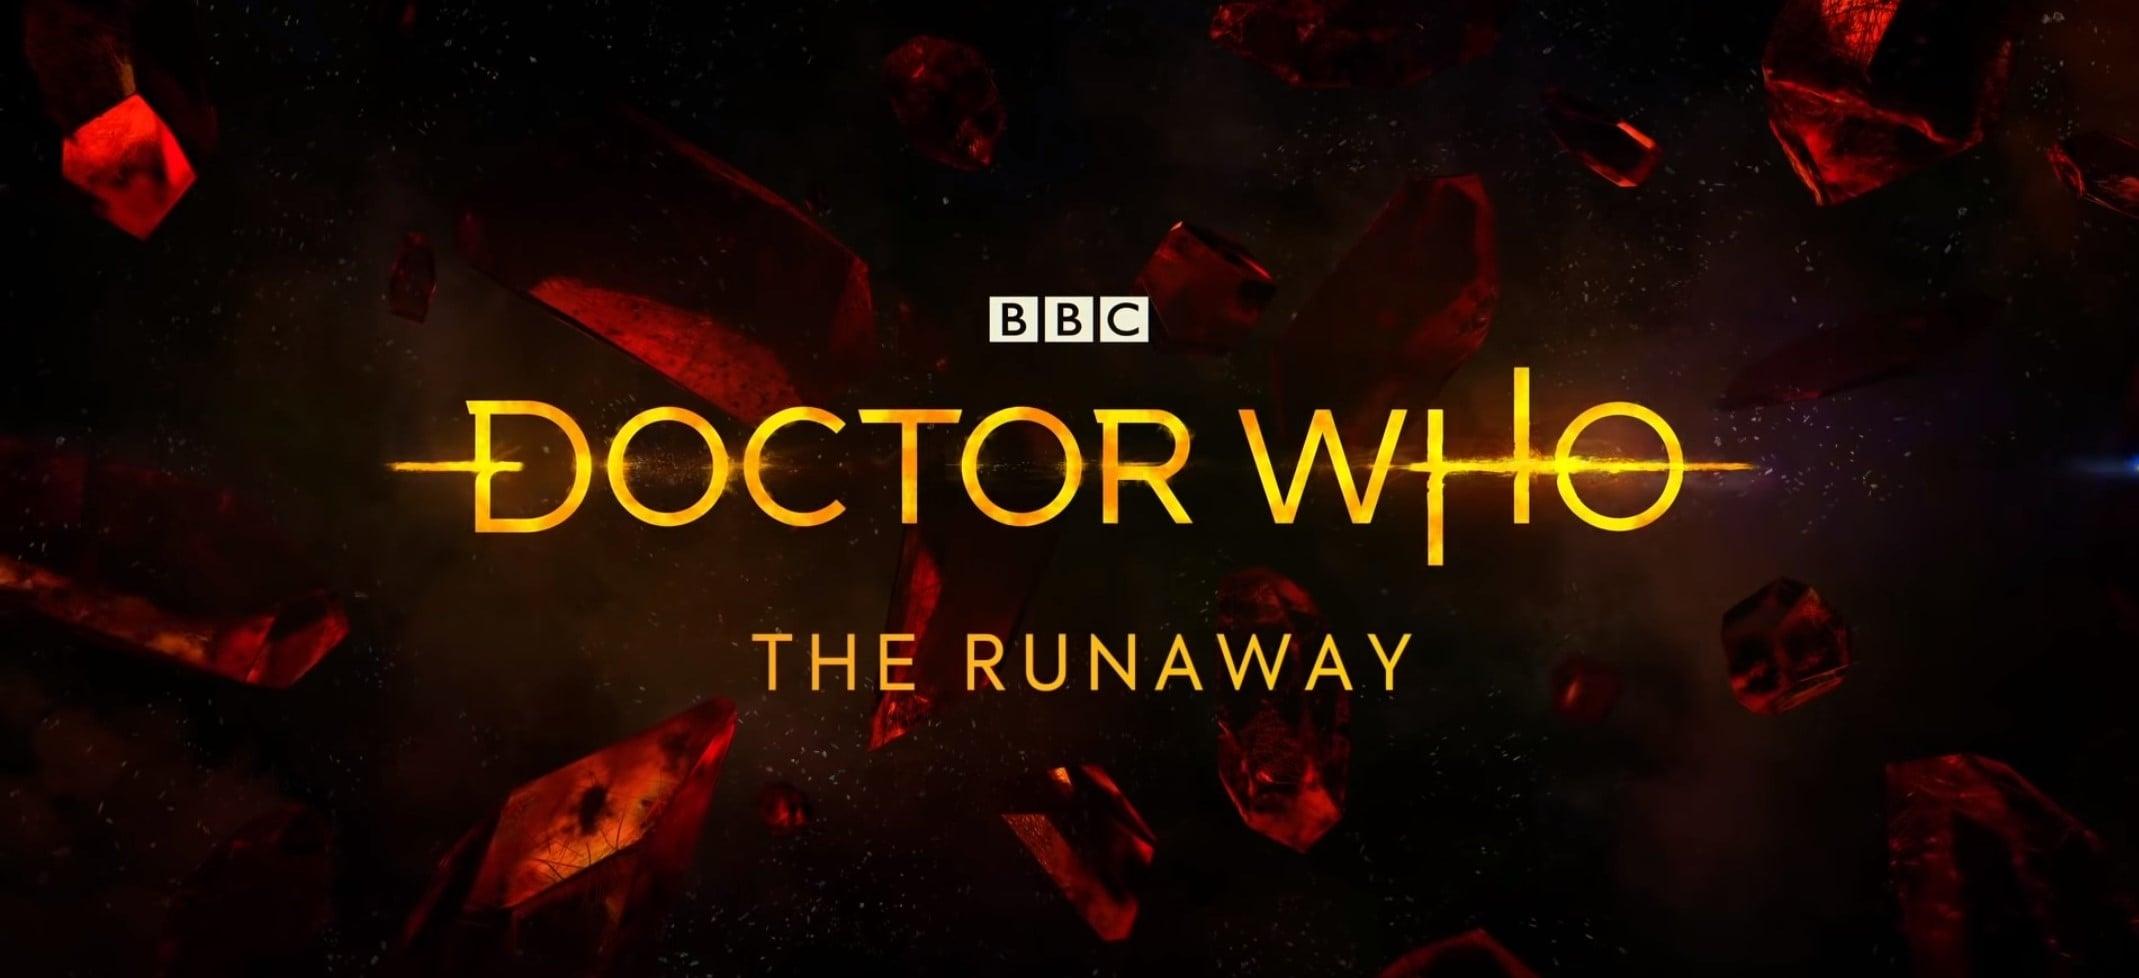 BBC przygotowuje darmowy film VR dla fanów serialu Doktor Who 19